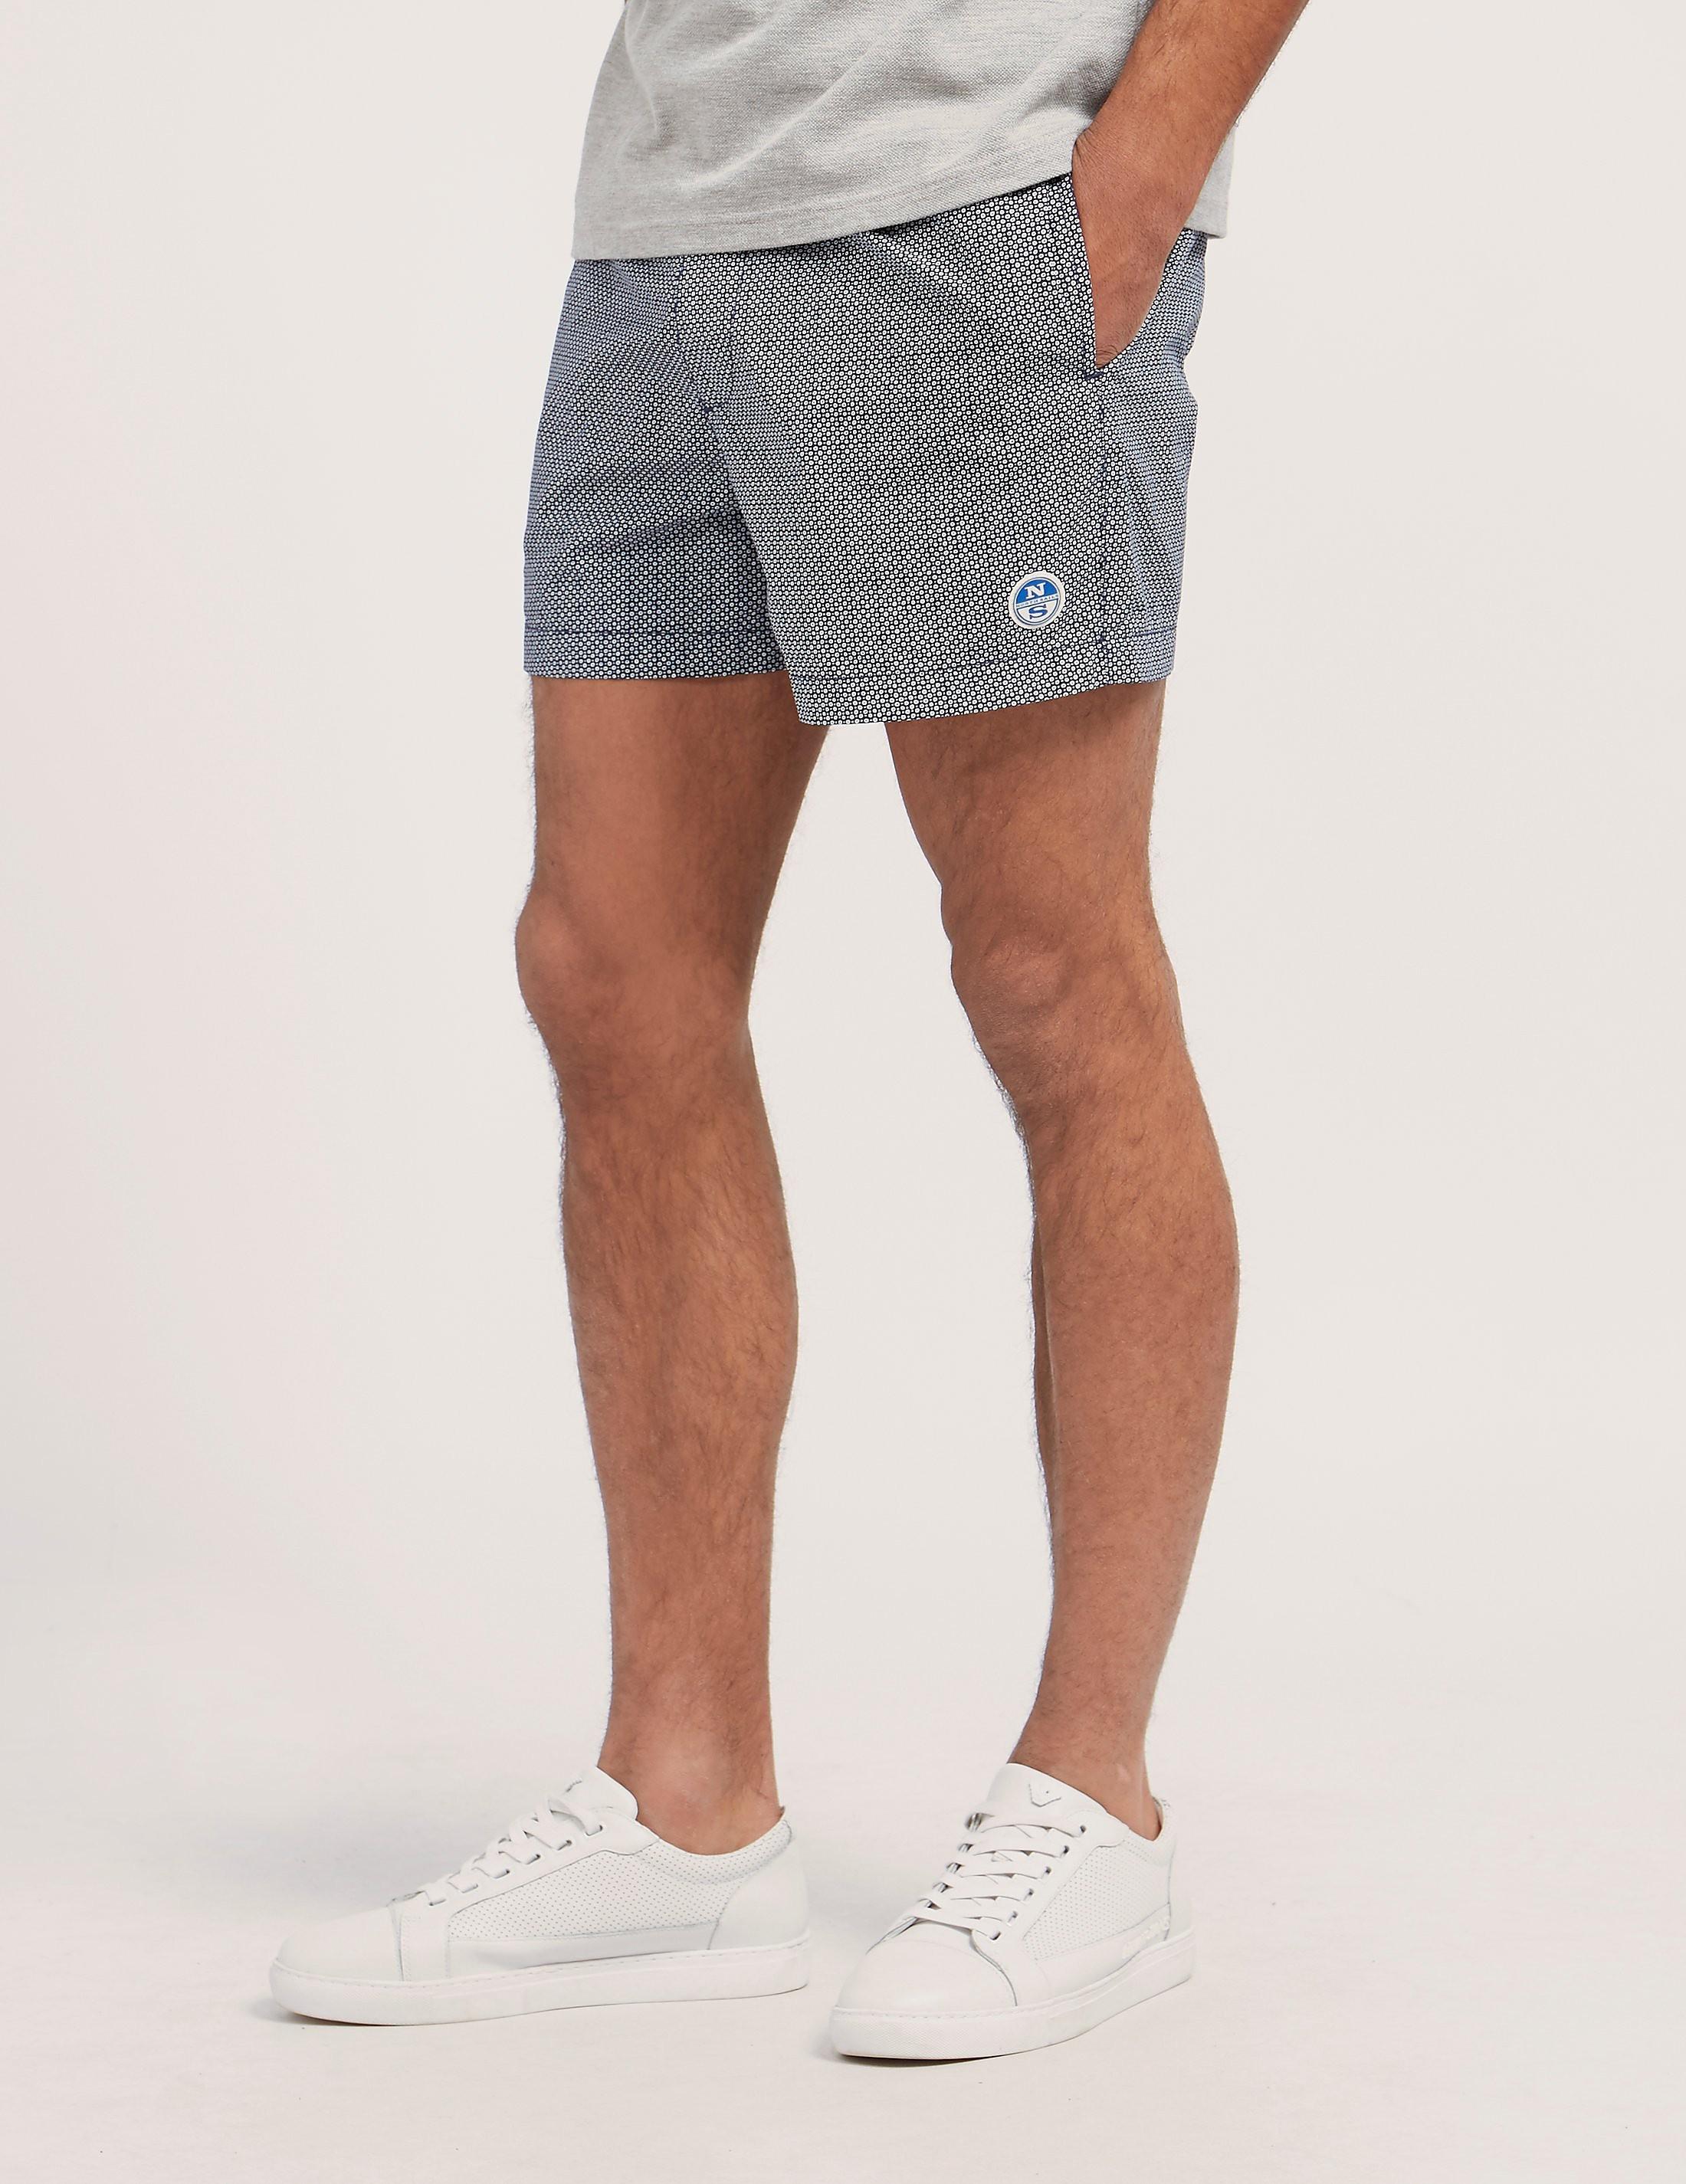 NORTH SAILS AOP Print Swim Shorts